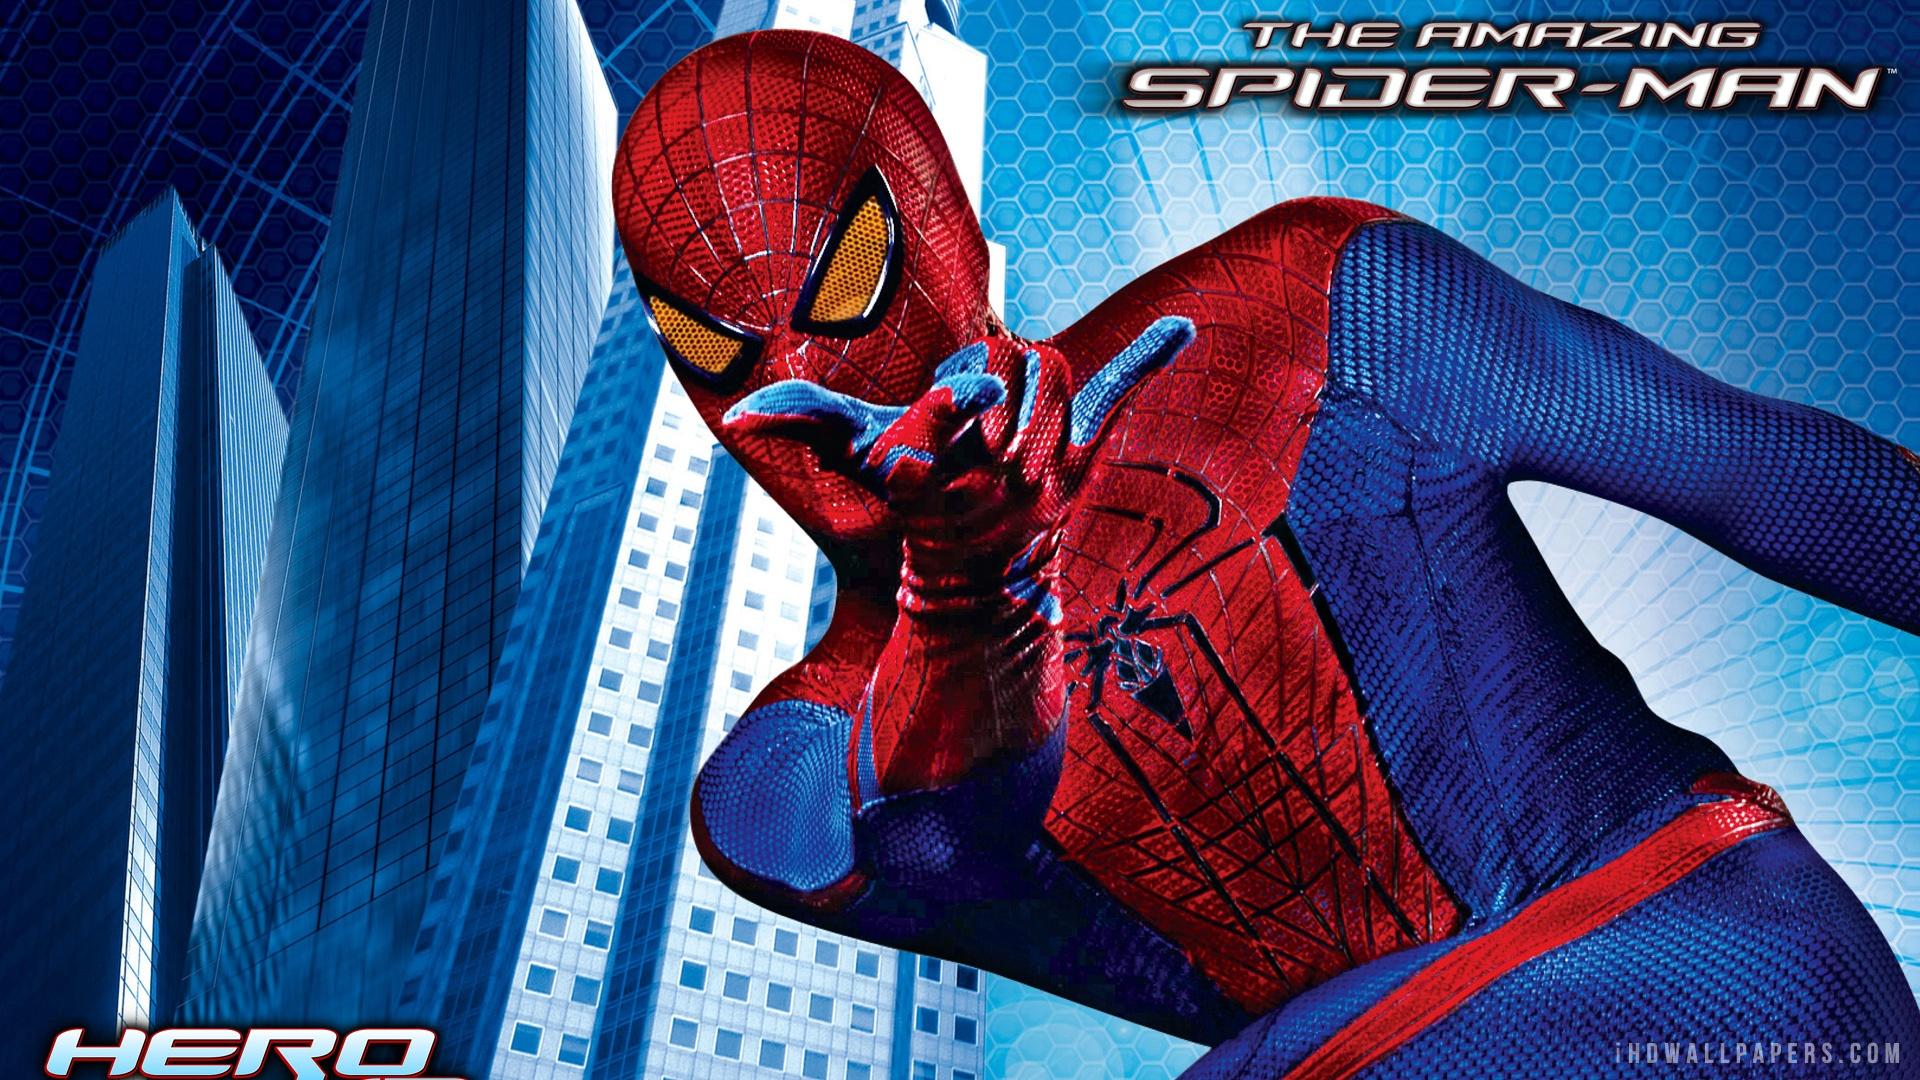 spiderman wallpaper 1920x1080 wallpapersafari